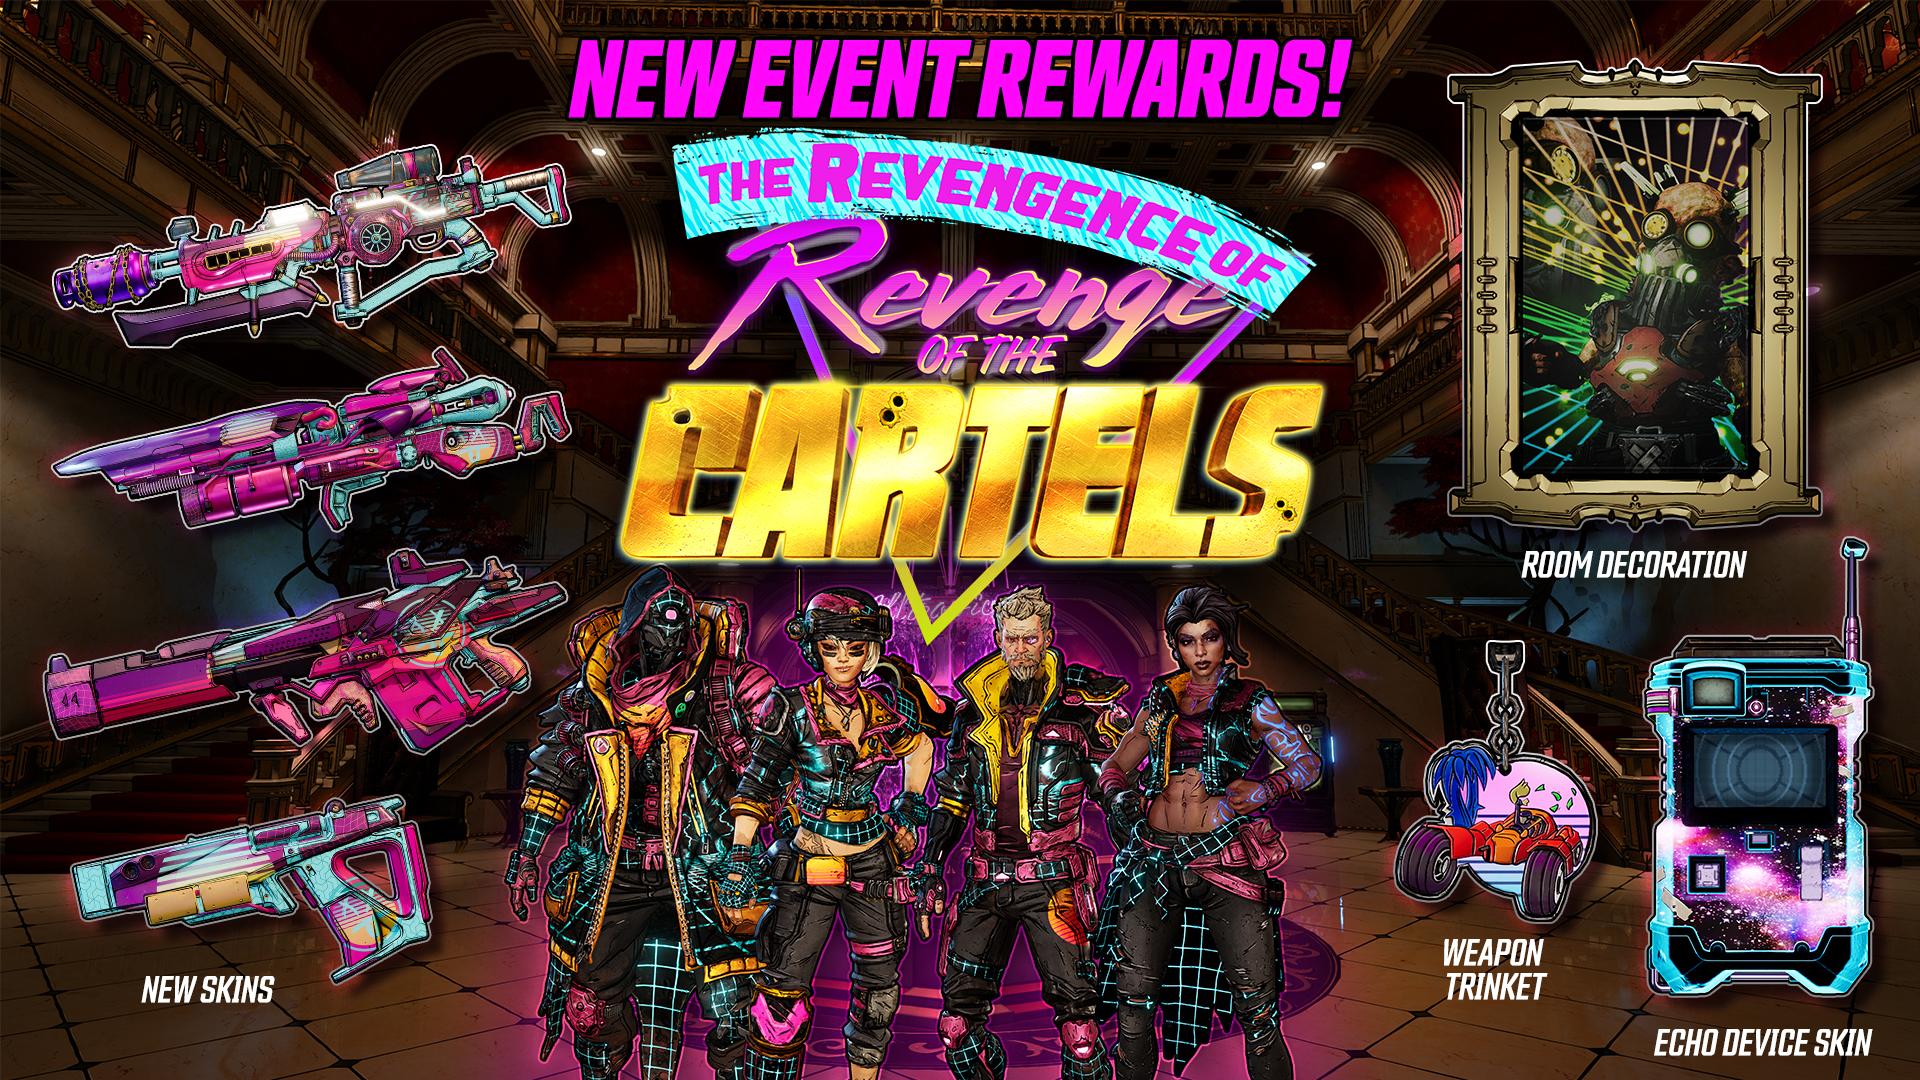 The Revengence of Revenge of the Cartels